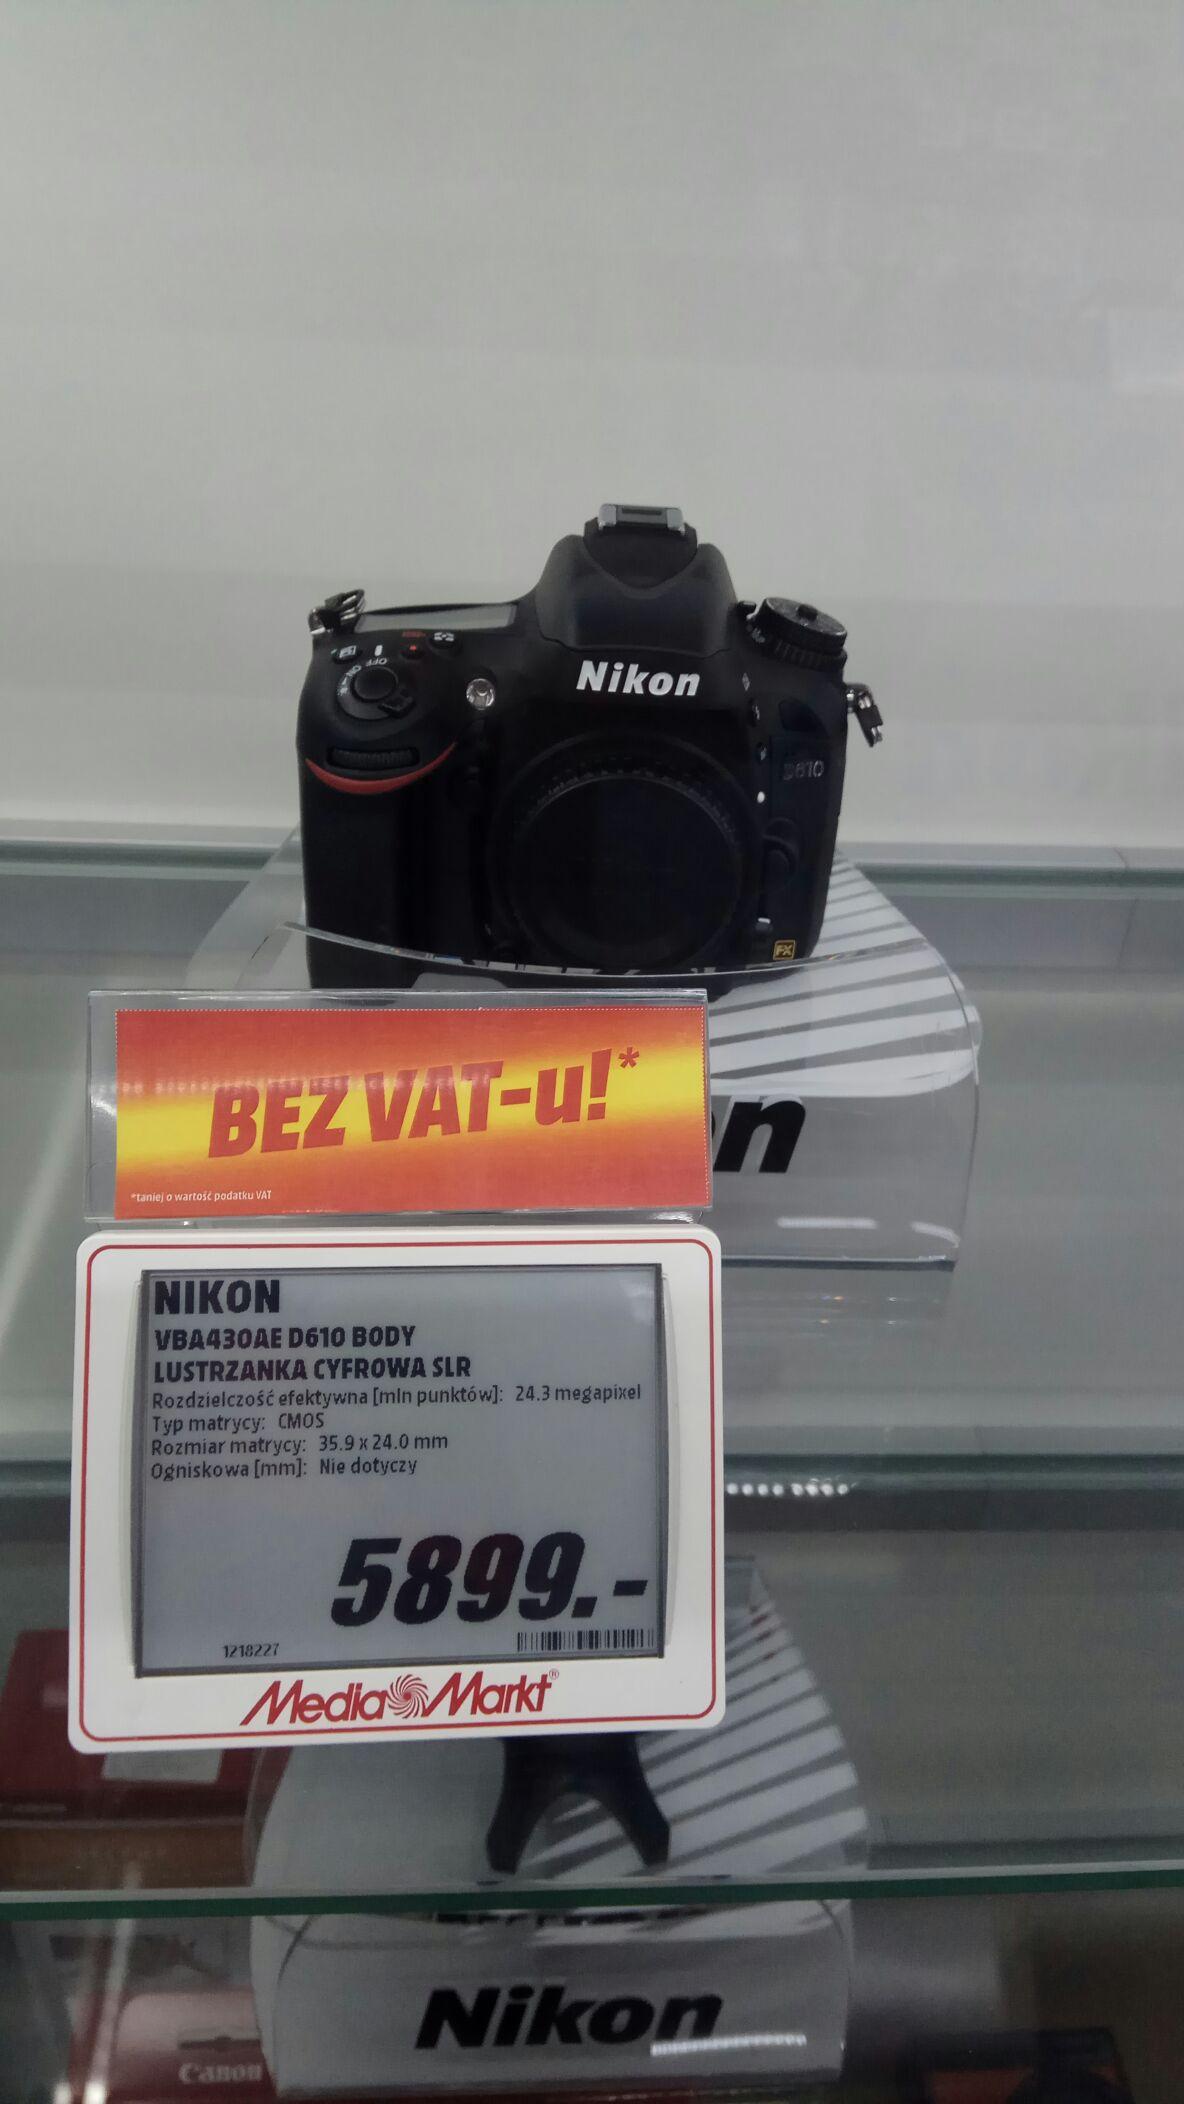 Nikon D610 Bez Vat-u!